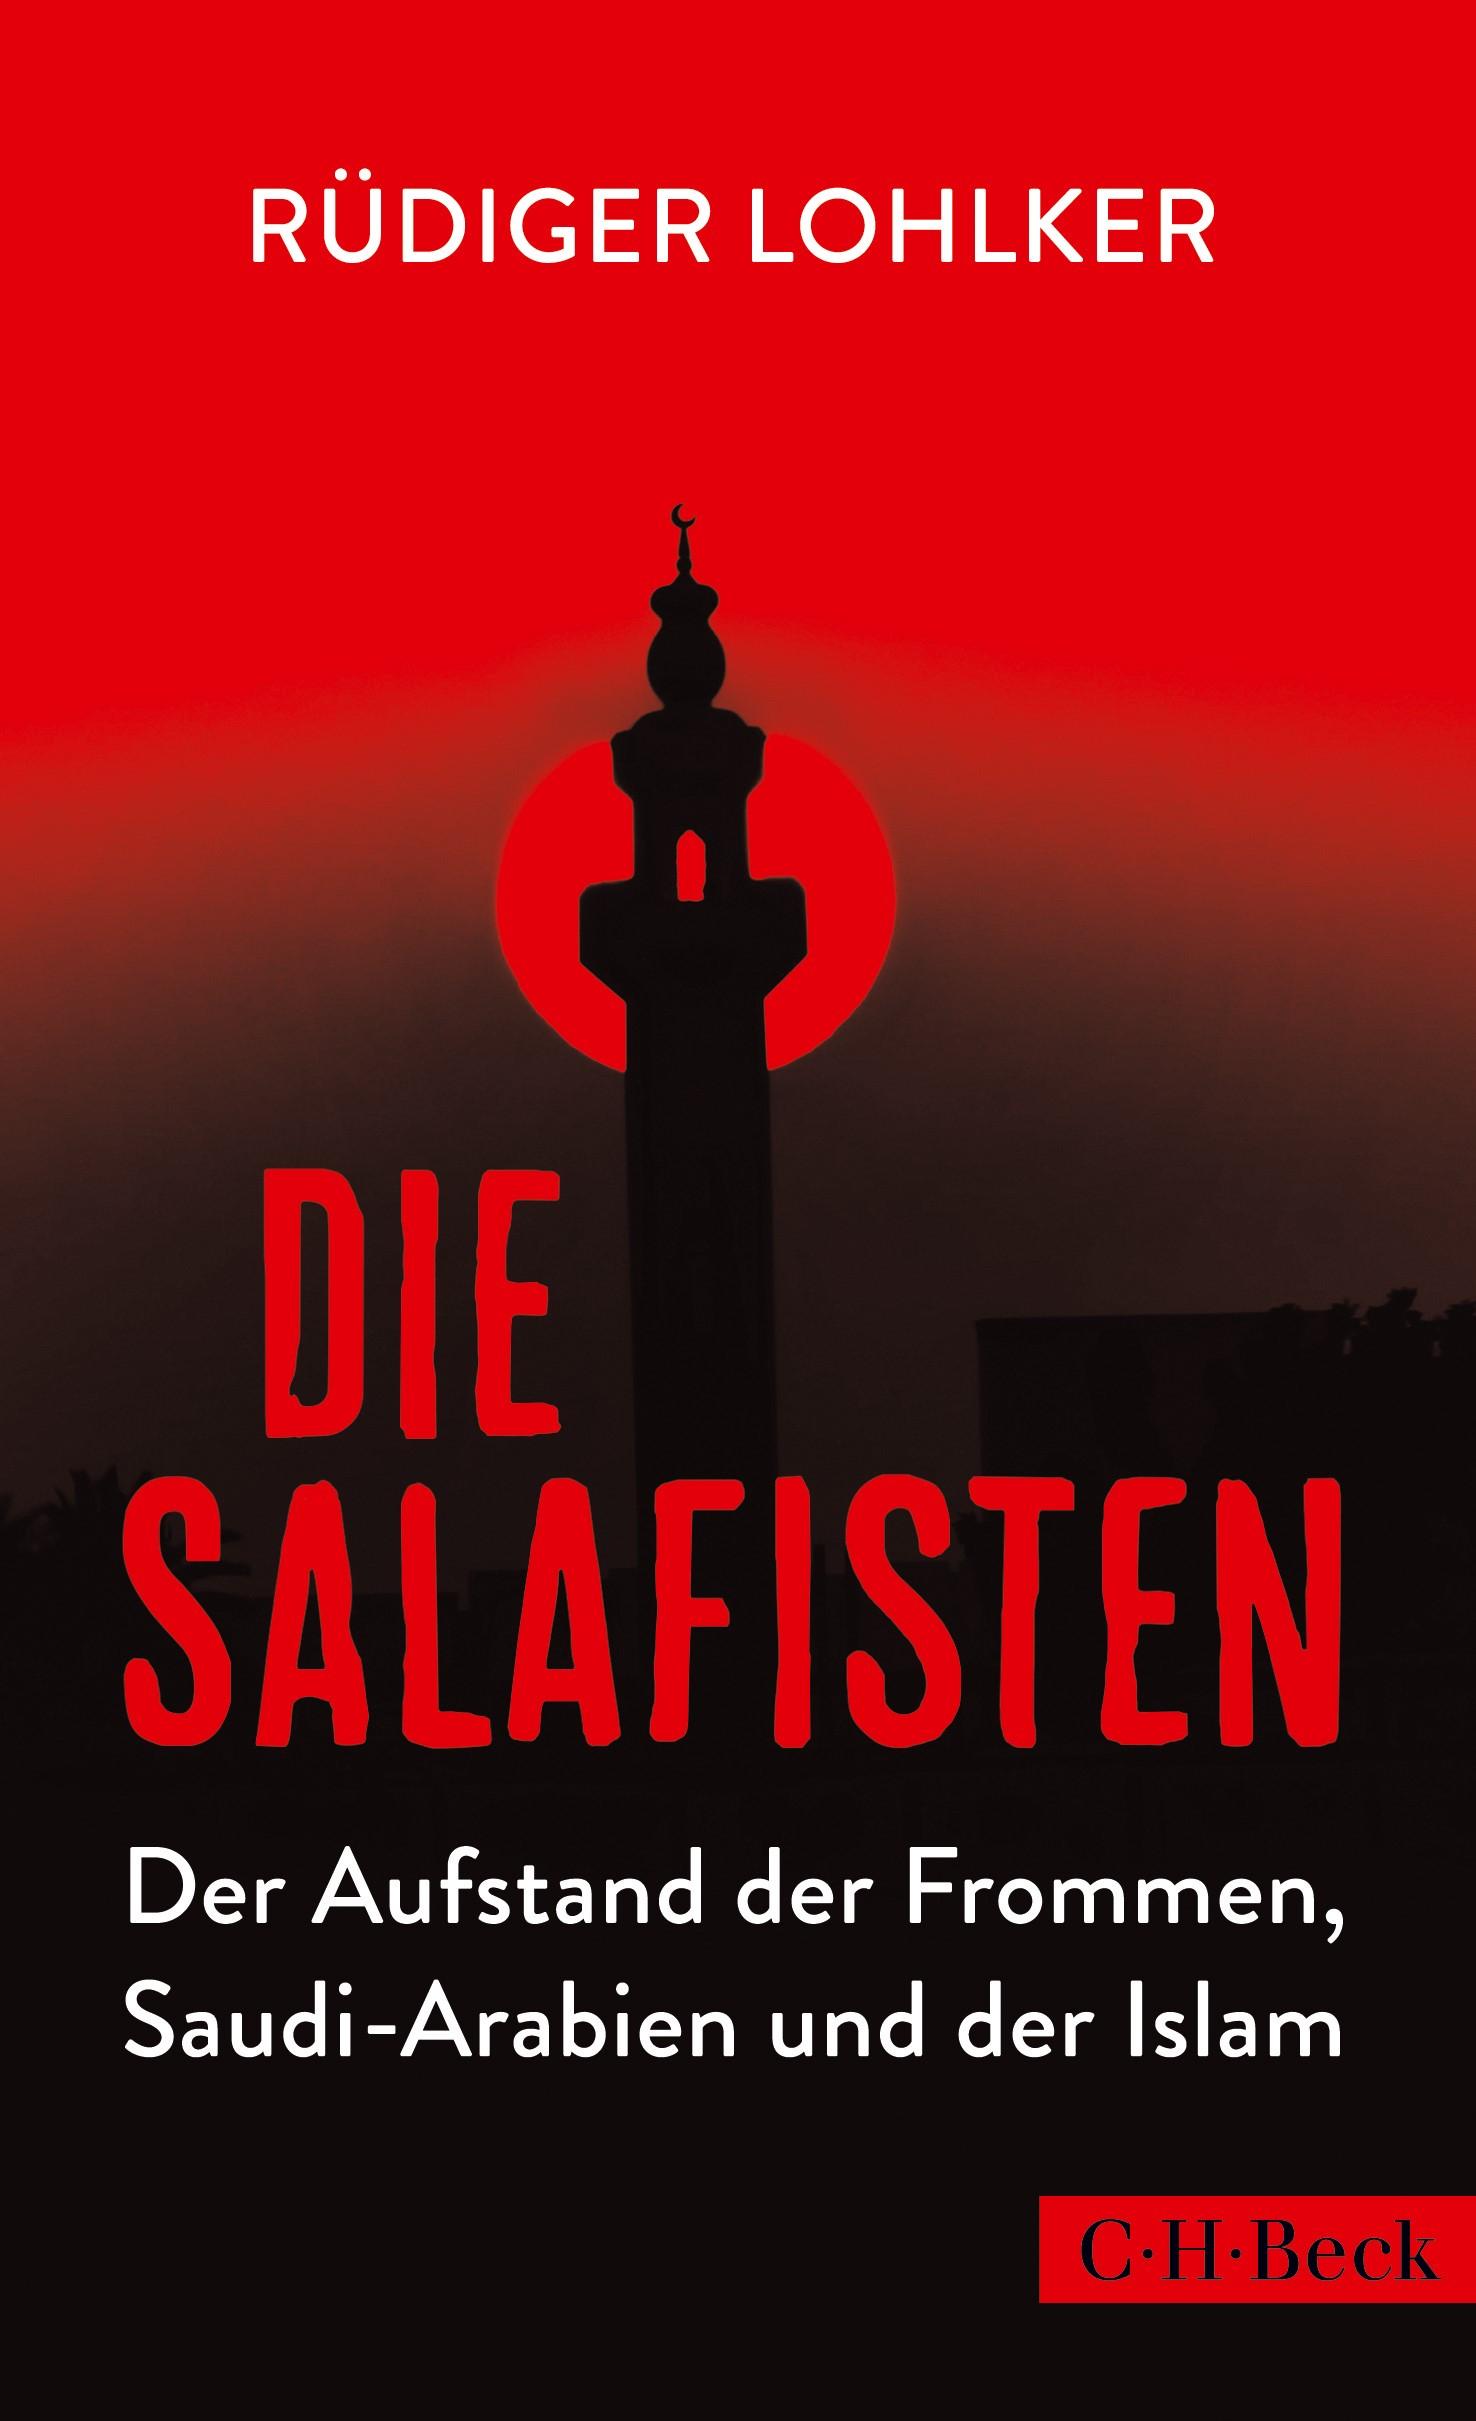 Die Salafisten | Lohlker, Rüdiger, 2017 | Buch (Cover)